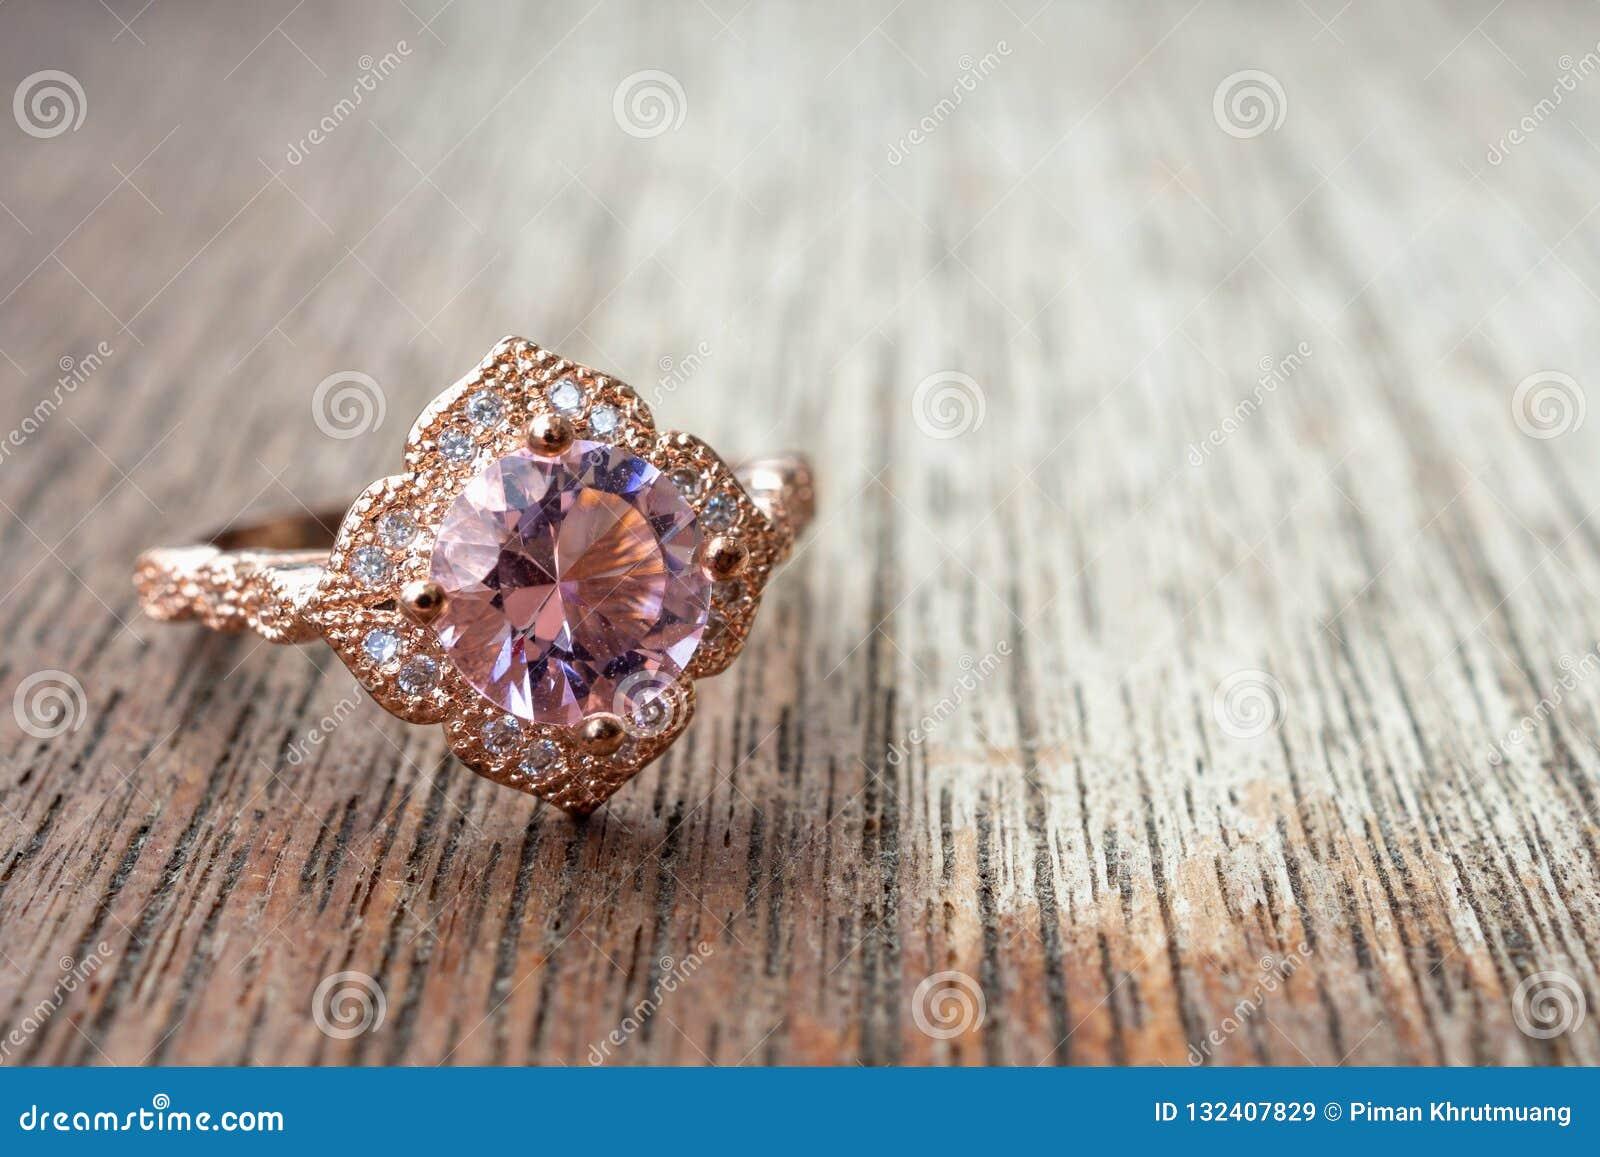 bague diamant bois